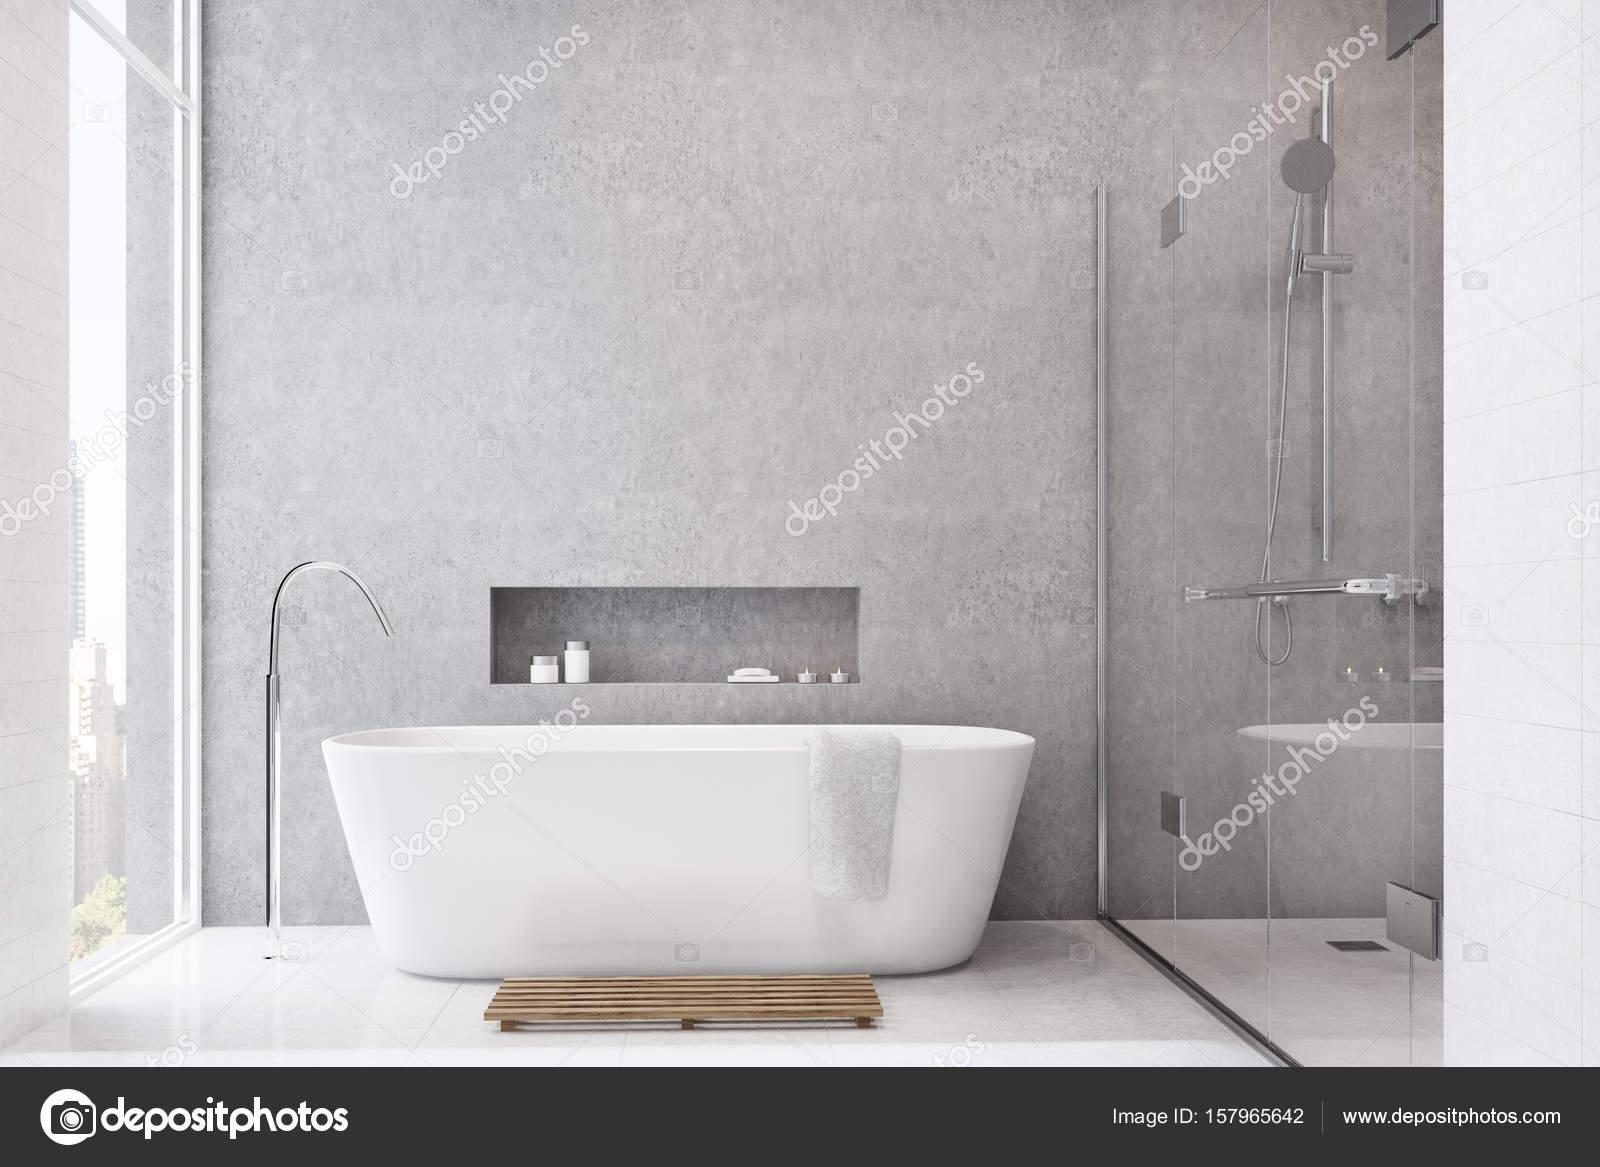 Grigio bagno piastrelle bianche doccia foto stock denisismagilov 157965642 - Piastrelle bagno bianche ...